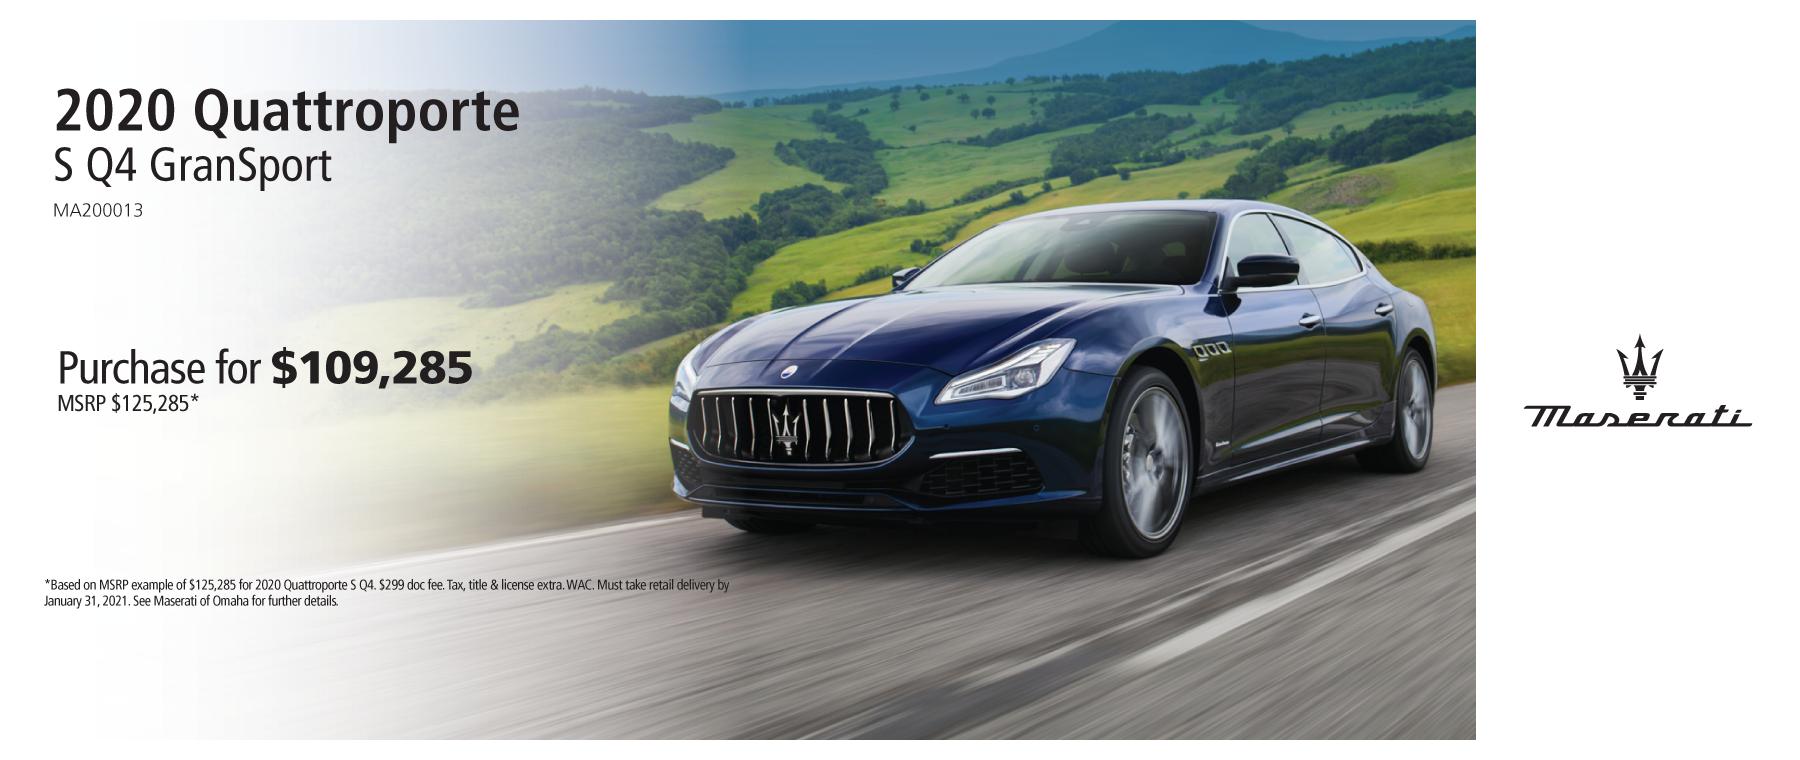 0121-Maserati-Quattro-Desktop